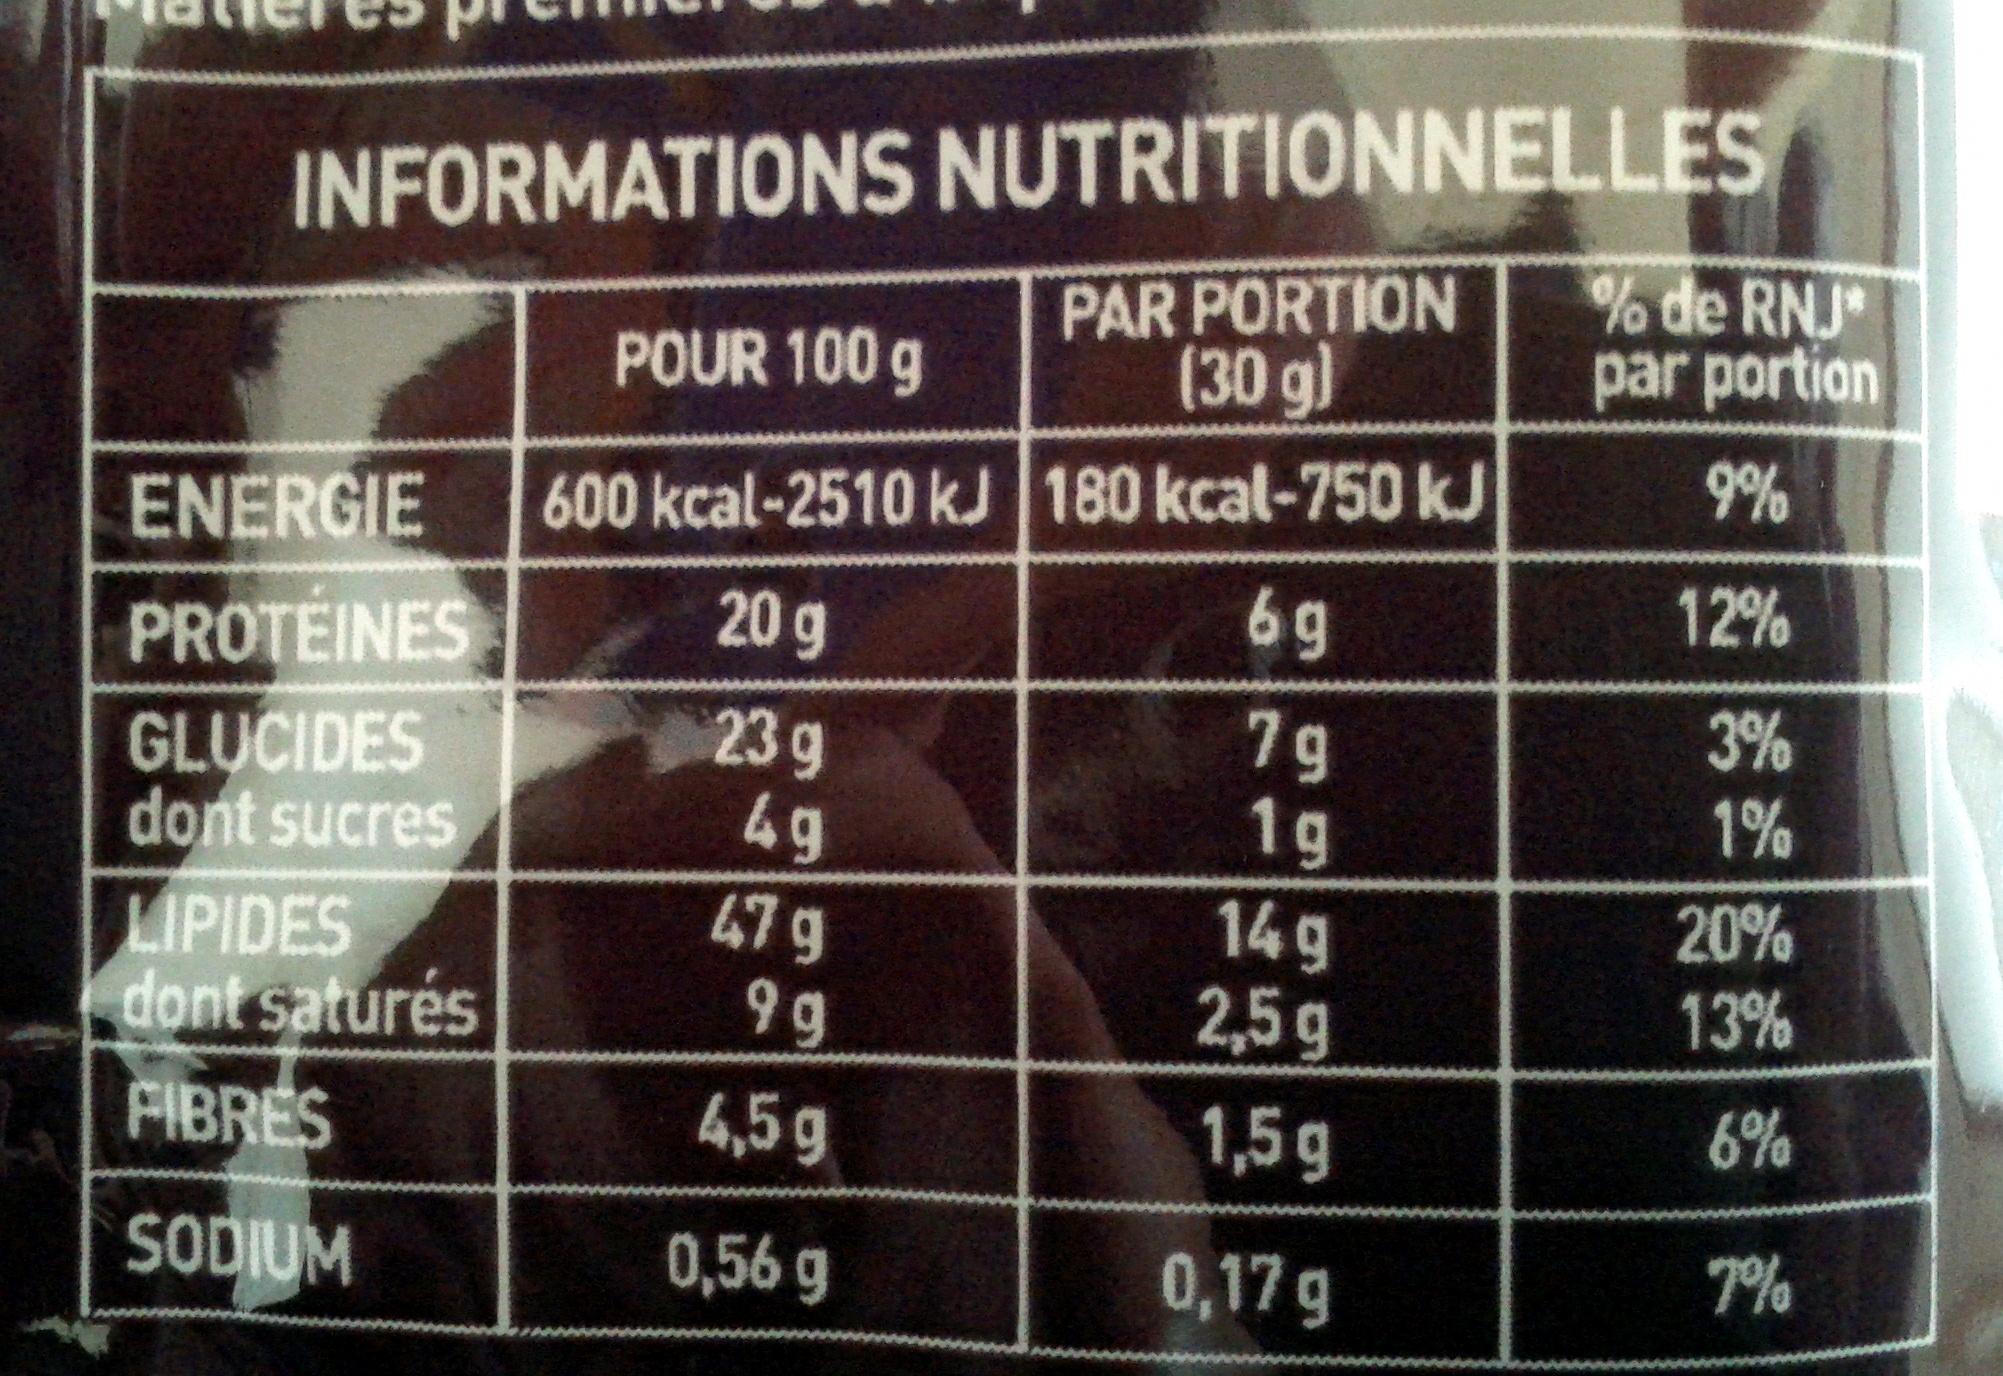 Apérifruits hot mix - Informations nutritionnelles